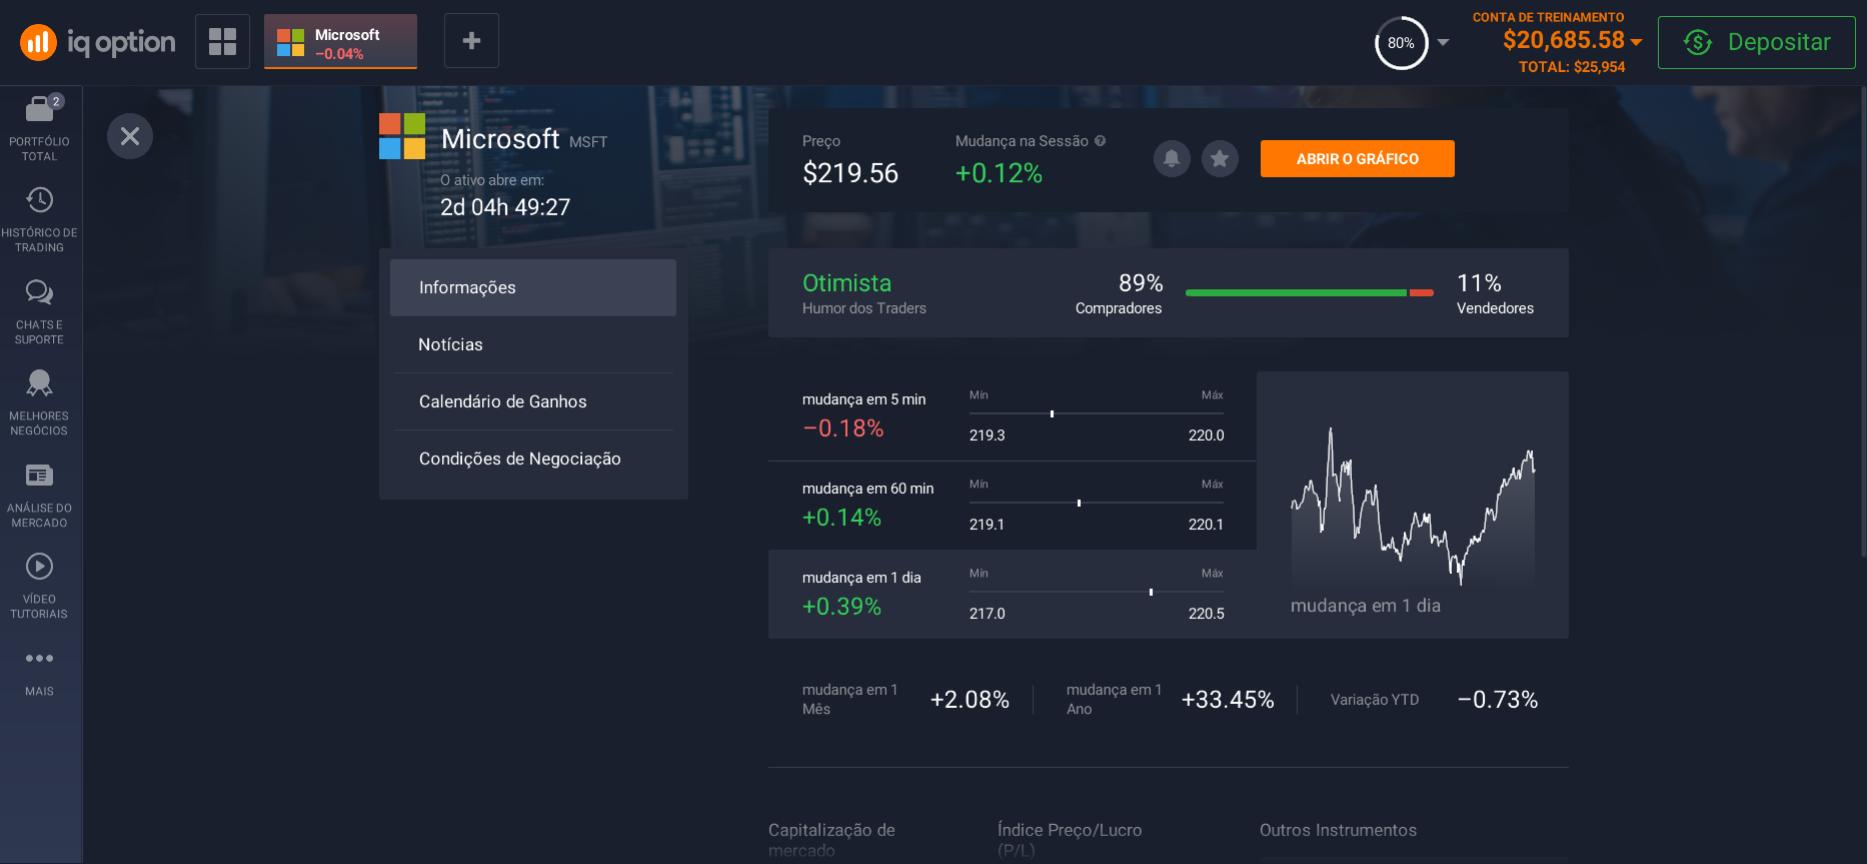 eu perdi antes de ganhar na criptomoedas corretores de negociação de ações on-line no portugal